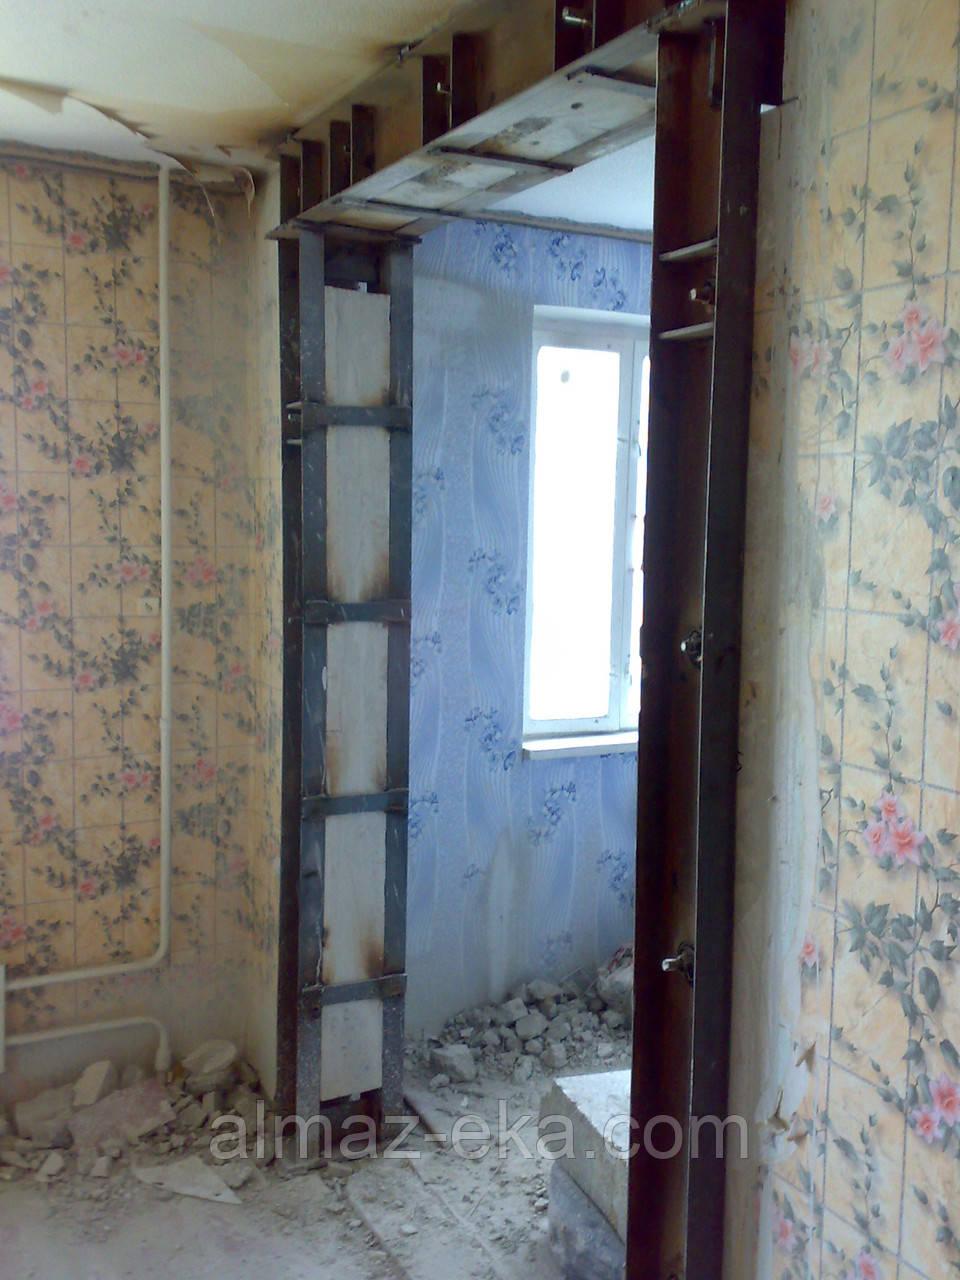 Алмазная резка,расширение,усиление проемов.Резка подоконных блоков,балконных ограждений.Демонтаж.